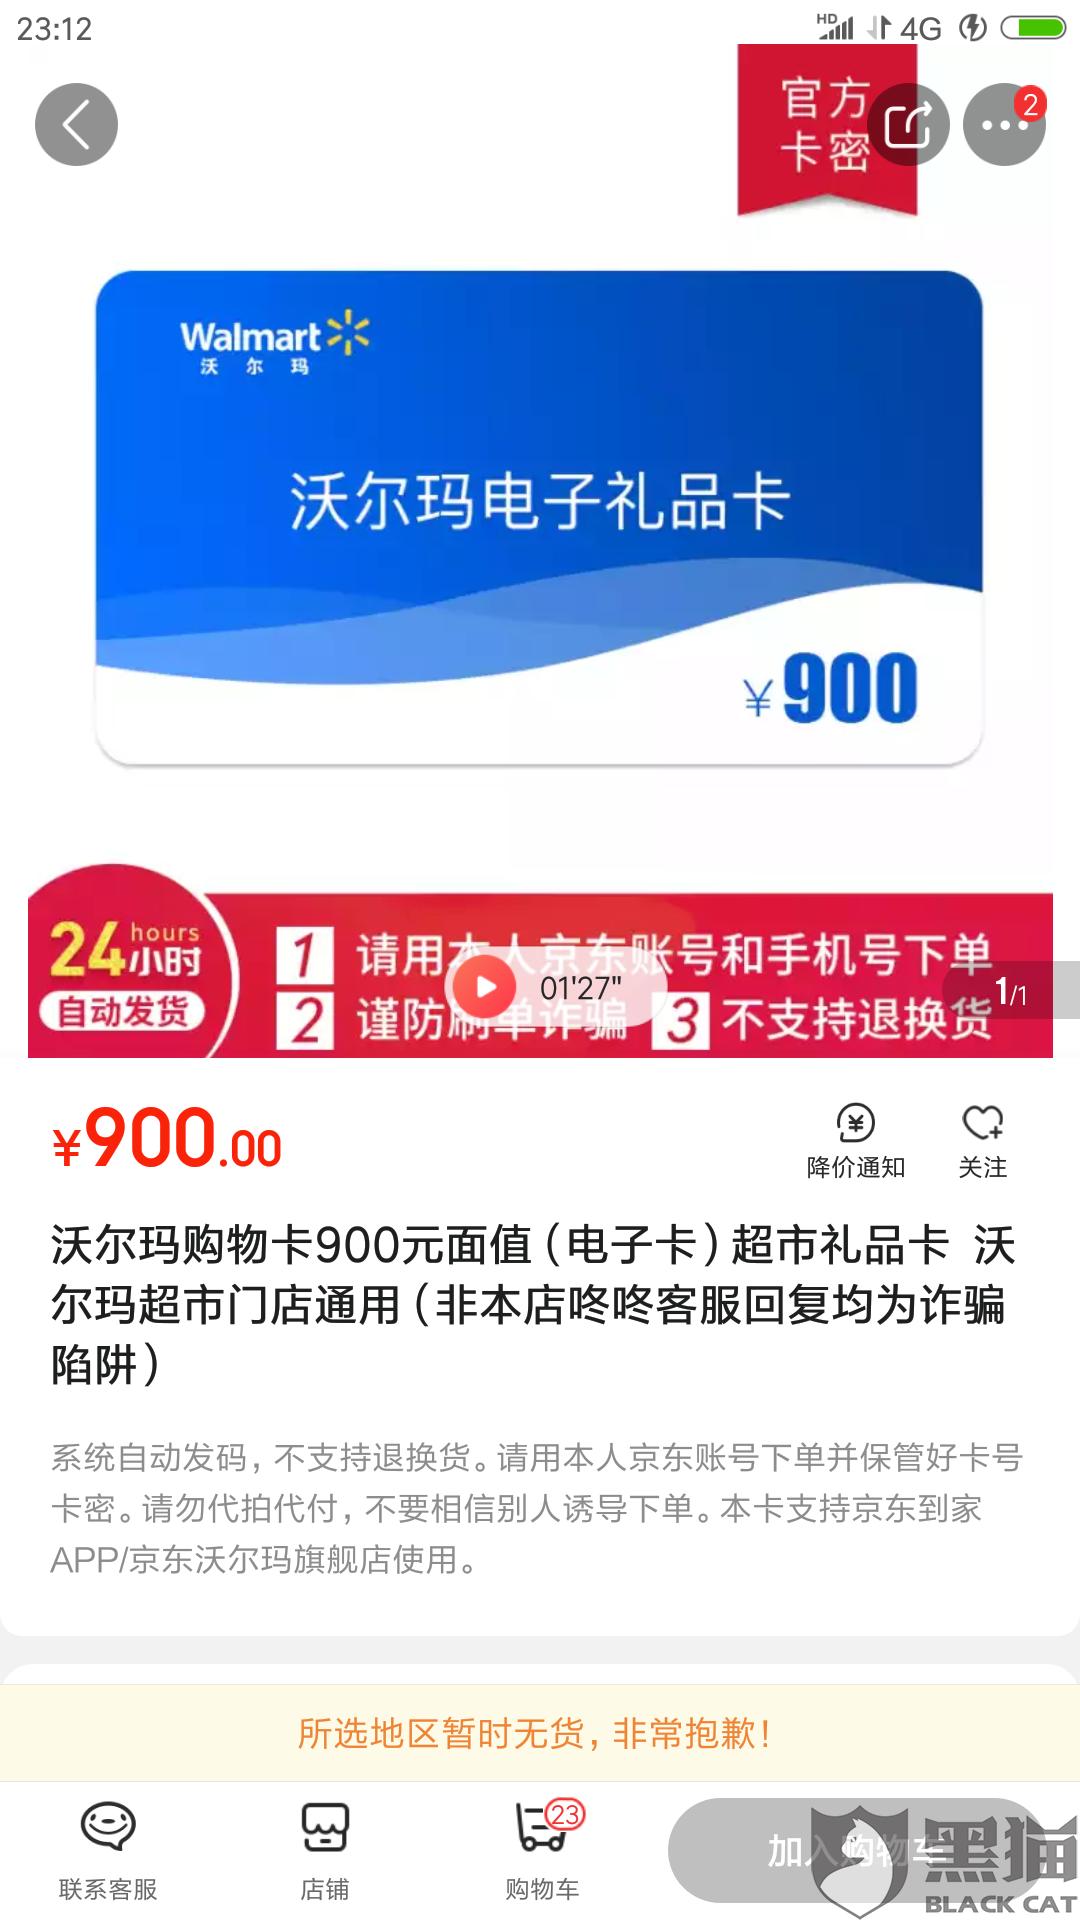 黑猫投诉:严讨京东商城网络沃尔玛电子卡销售